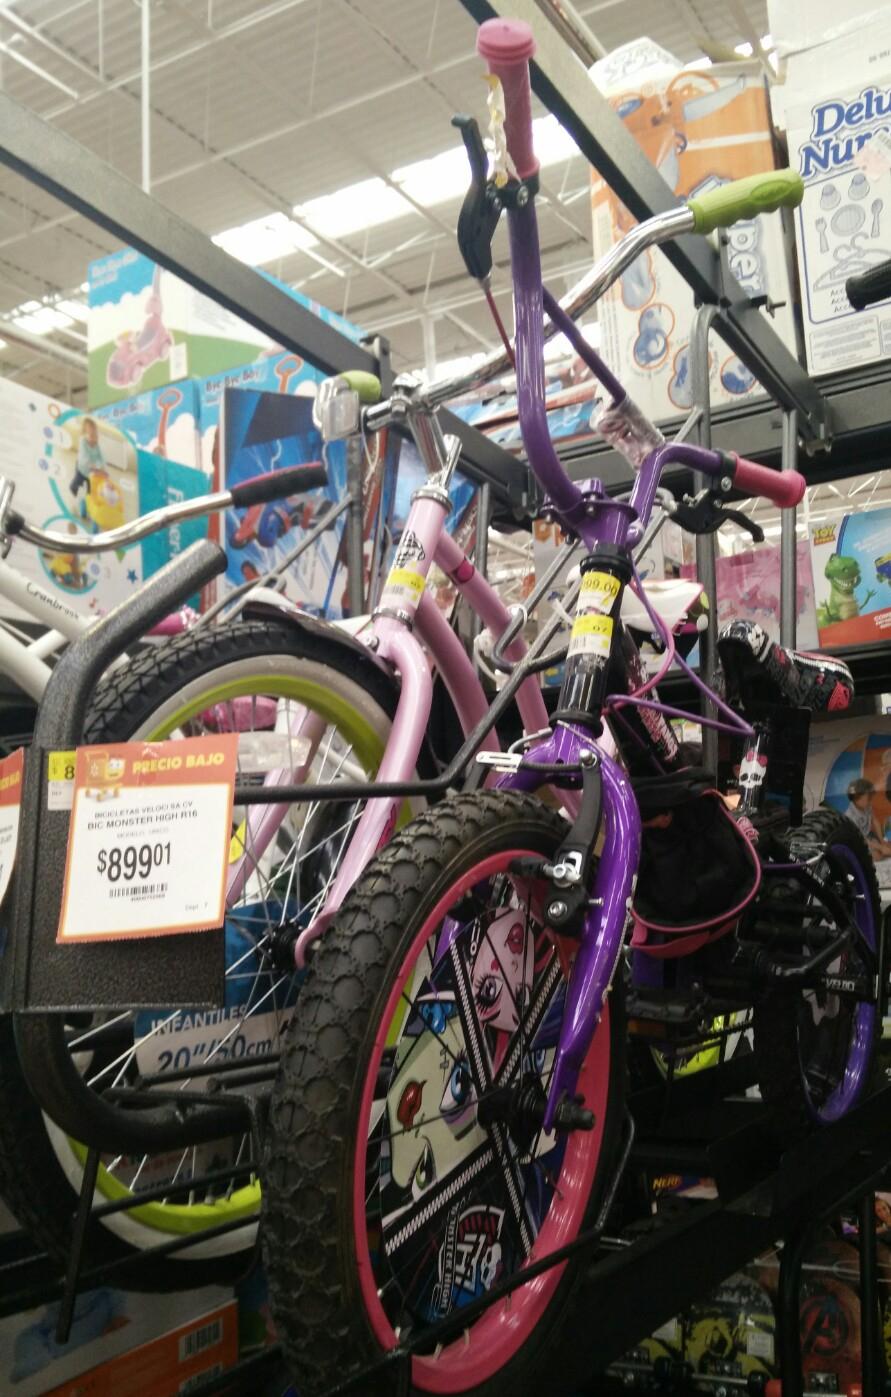 Walmart: bicicleta Monster High a $899.01